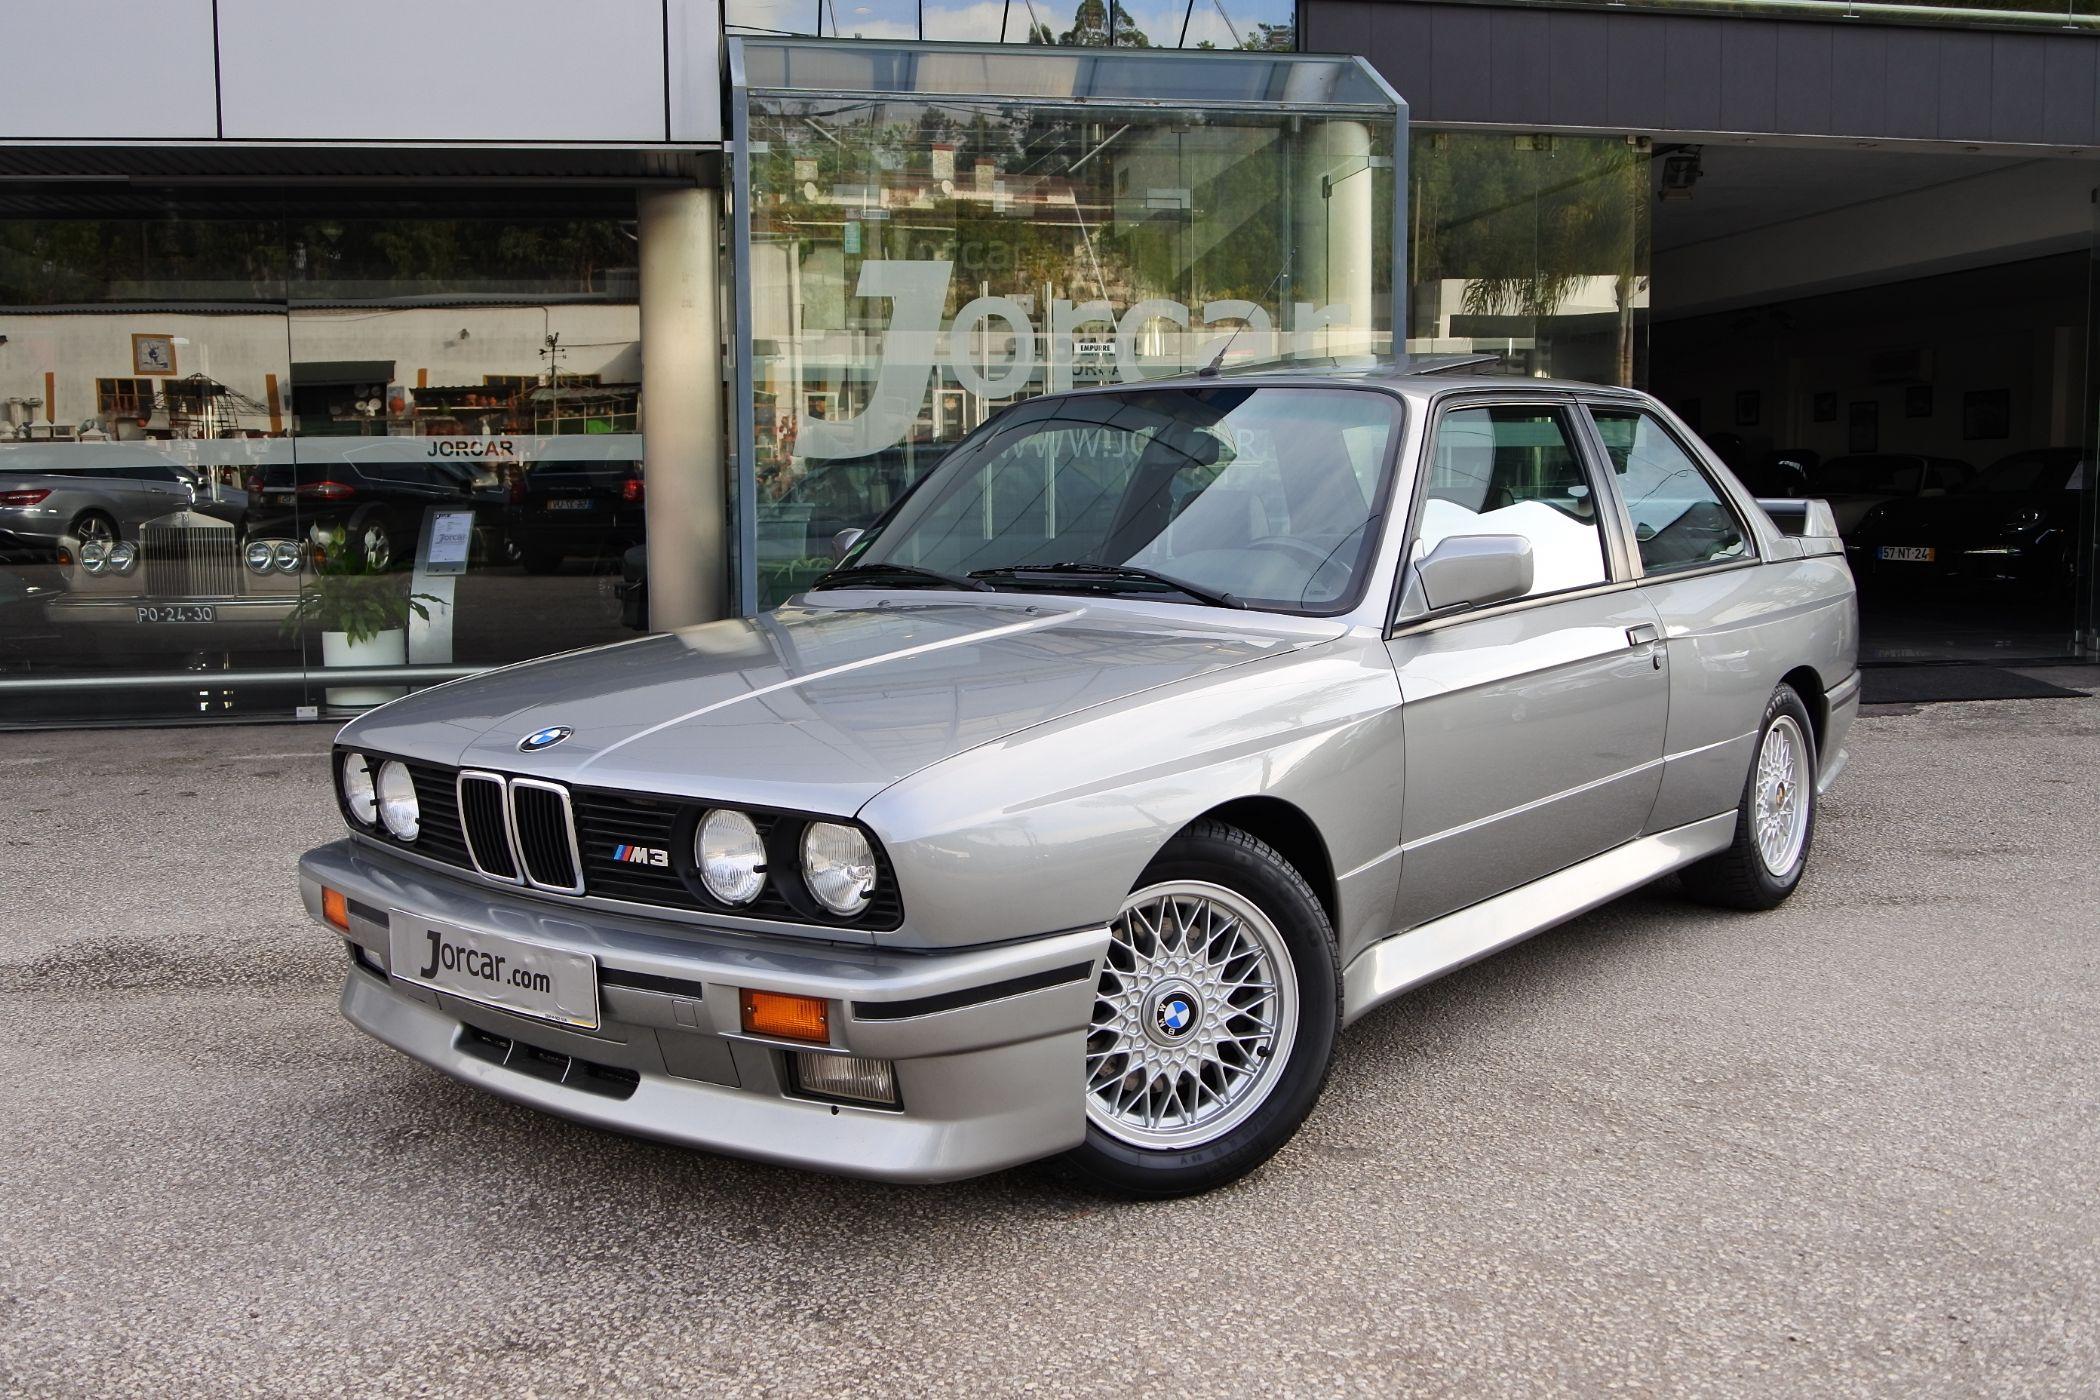 Jorcar BMW M3 E30